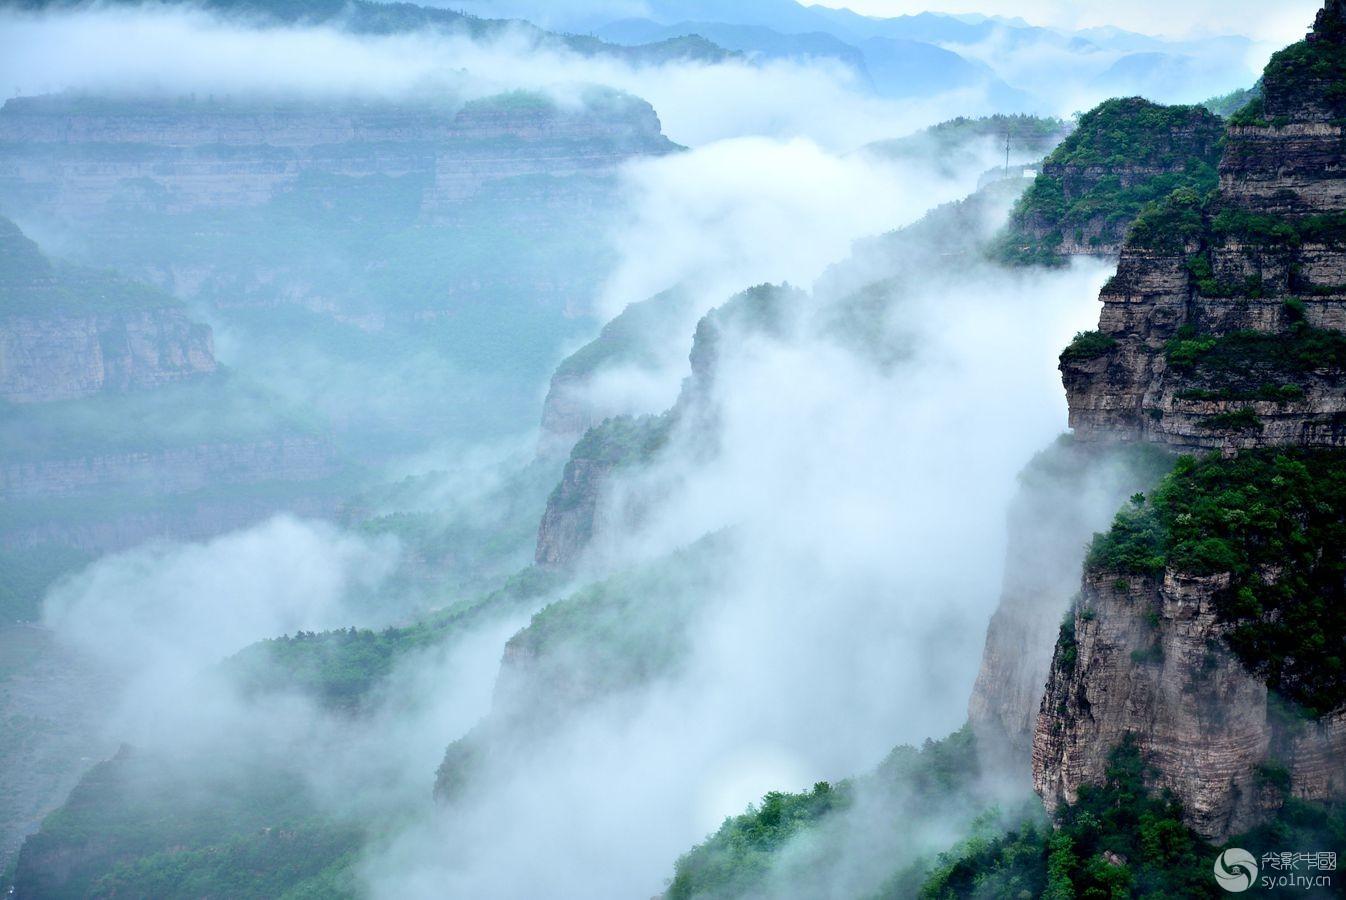 壁纸 风景 旅游 瀑布 山水 桌面 1346_900